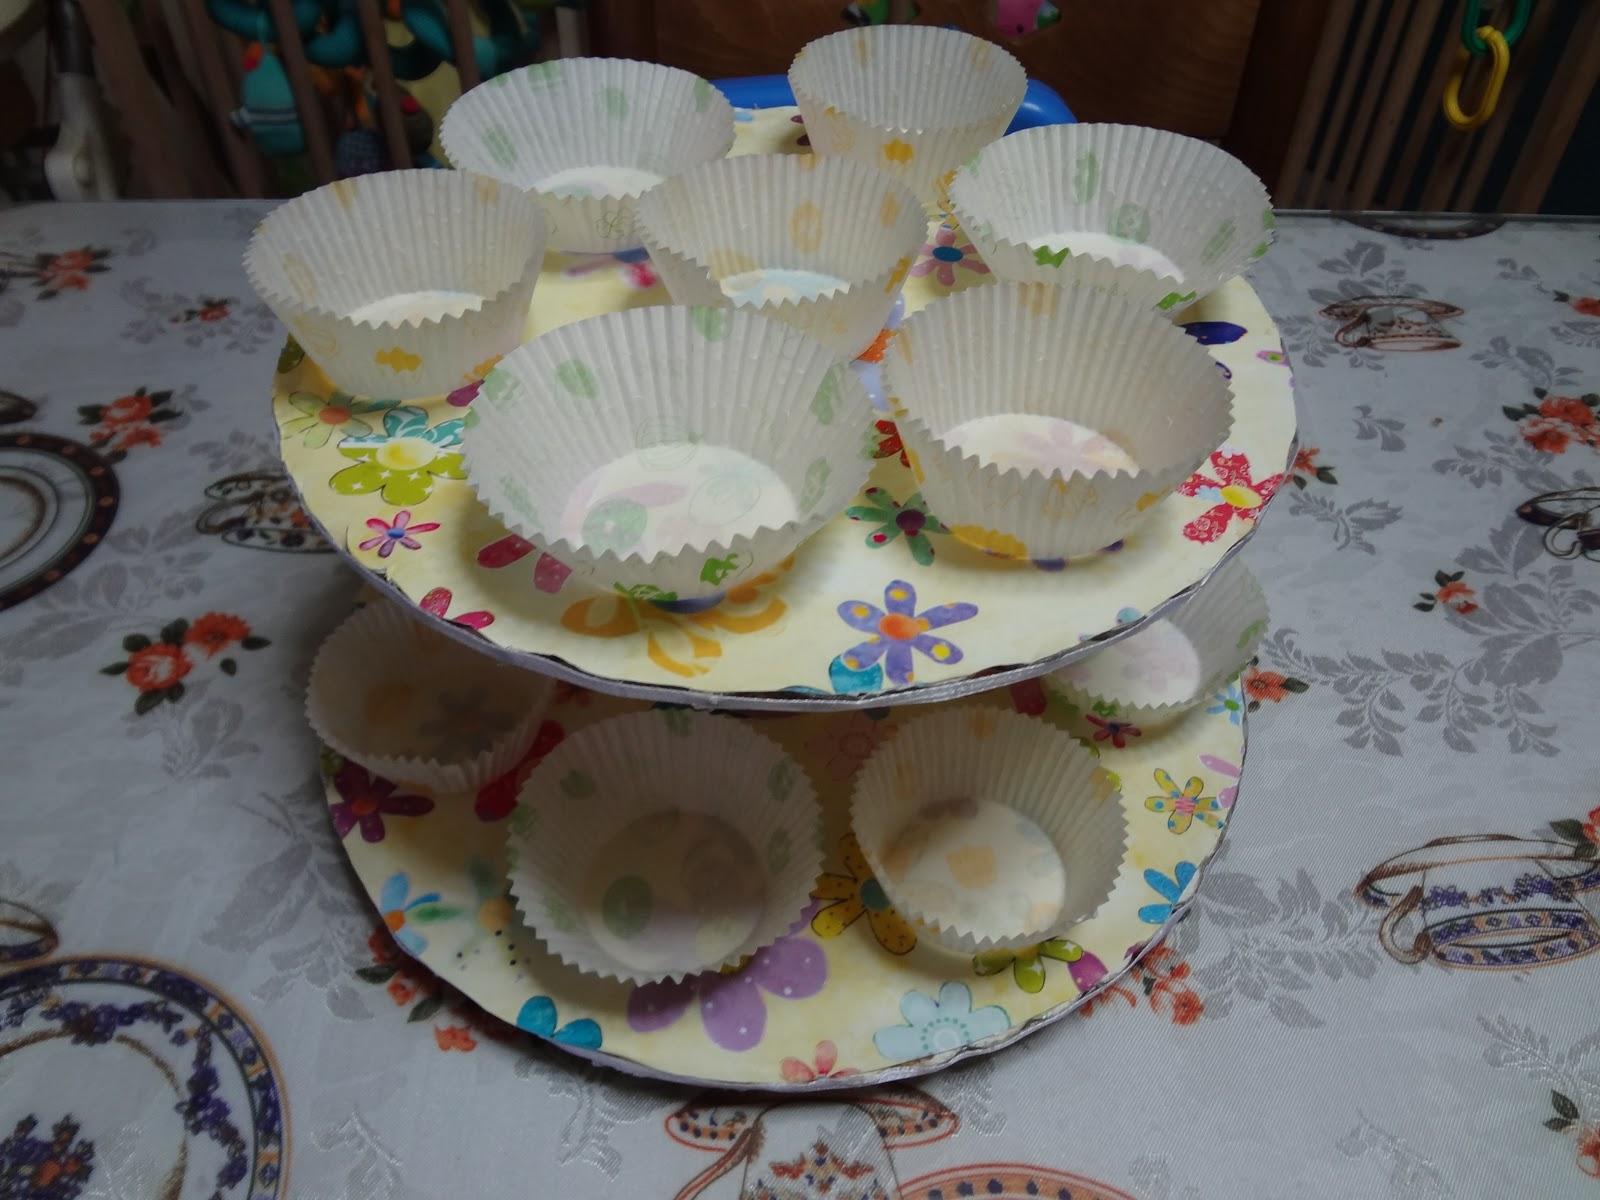 Στα γενέθλια των παιδιών μου όπως έχετε δει είχα φτιαξει ομορφούλικα  cuupcakes. Αλλά πιστεύω θα ήταν ακόμα πιο όμορφα αν είχα μια βάση να τα  στολίσω. ebdf531bd29